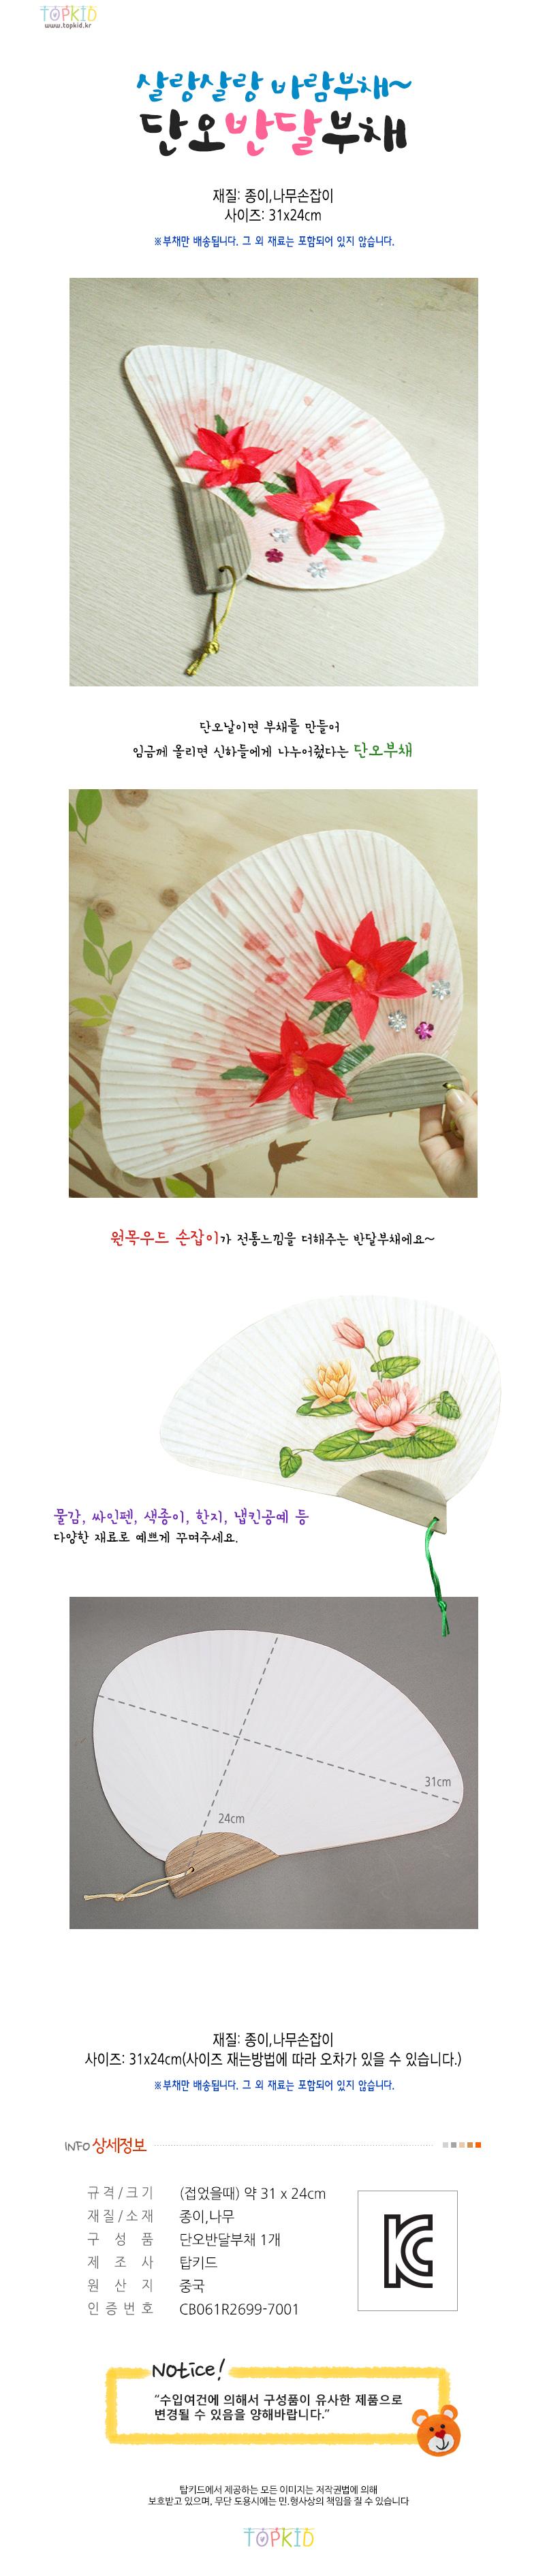 반제품 단오반달부채(원목) - 하비파티, 1,400원, 종이공예/북아트, 종이공예 패키지